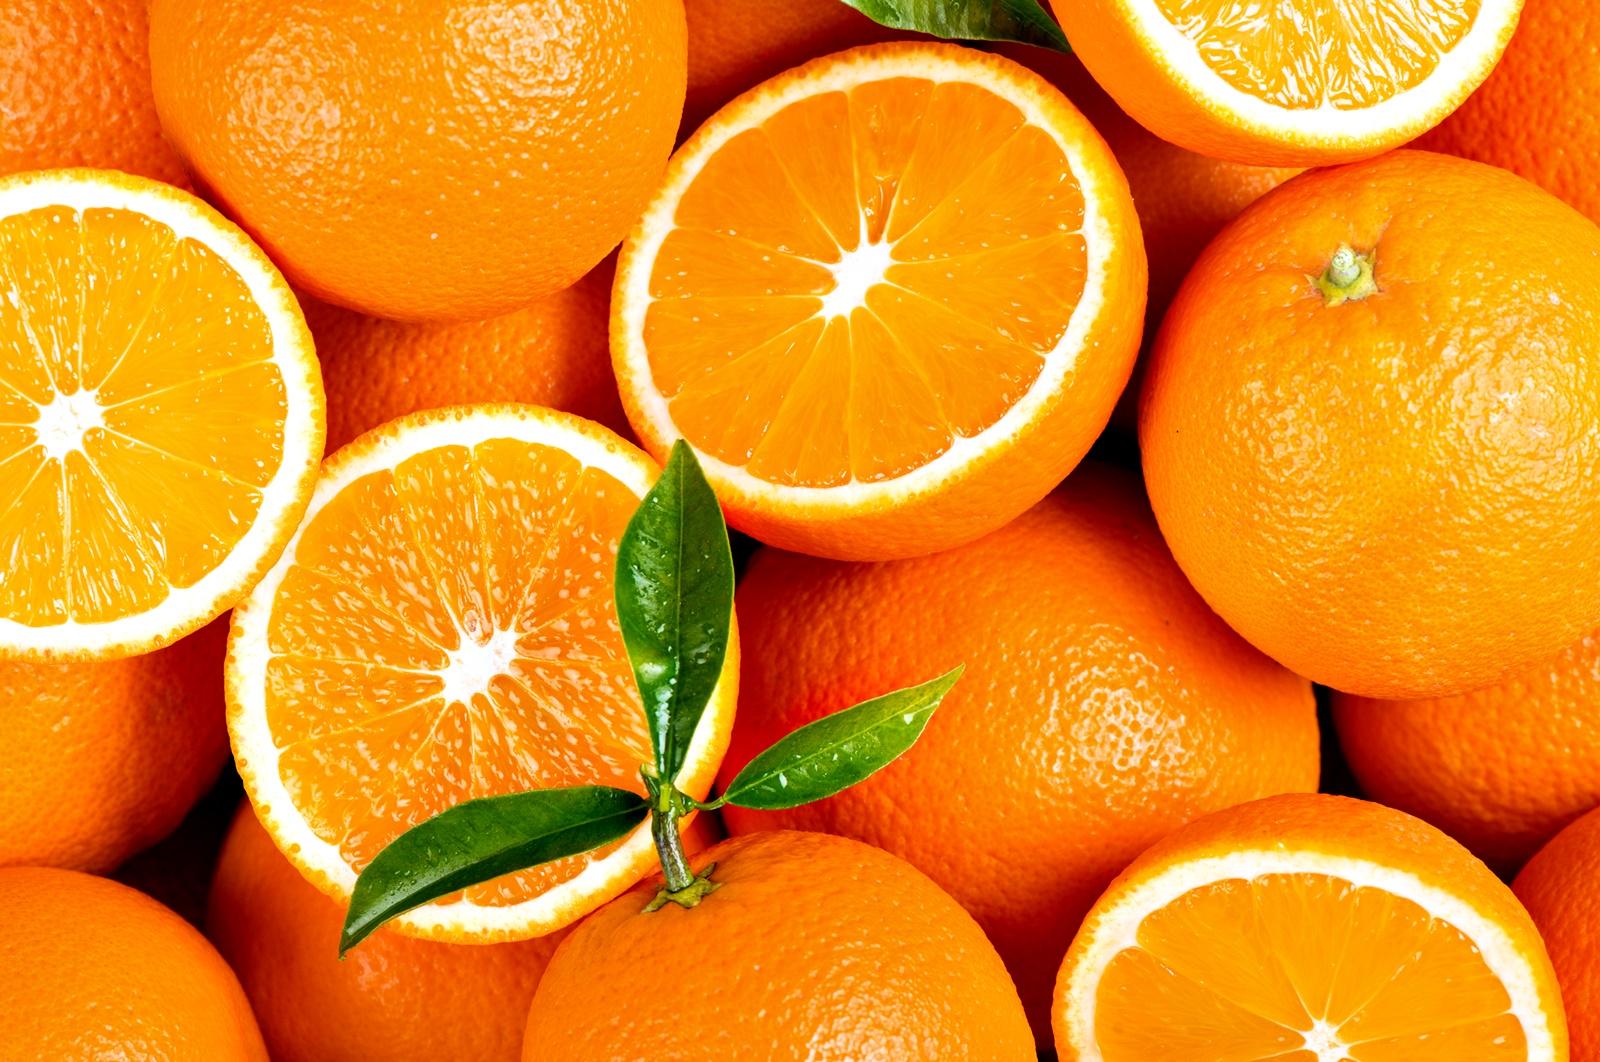 Оранжев цвят<br /> Знак за силна дехидратация или проблеми с черния дроб и жлъчката. По-добре отидете на лекар.